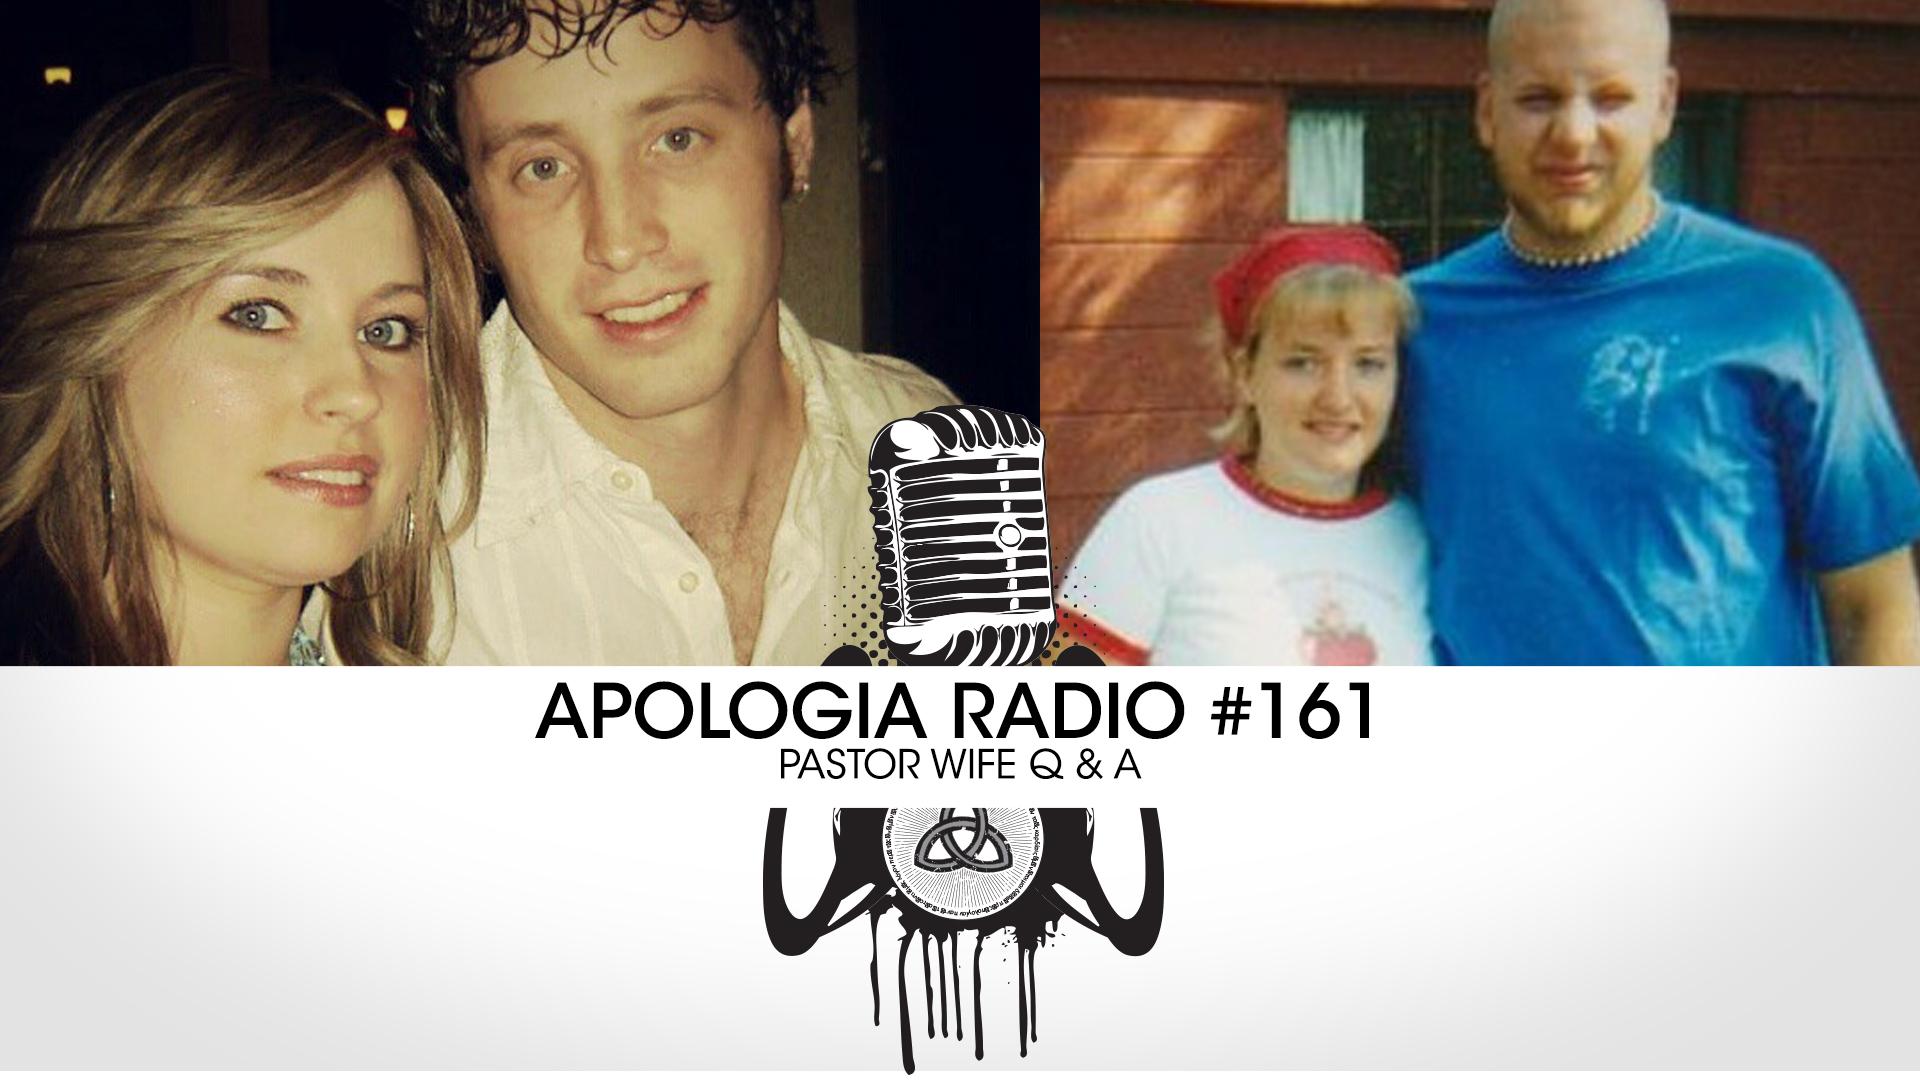 Apologia-Radio-161-Pastor-Wife